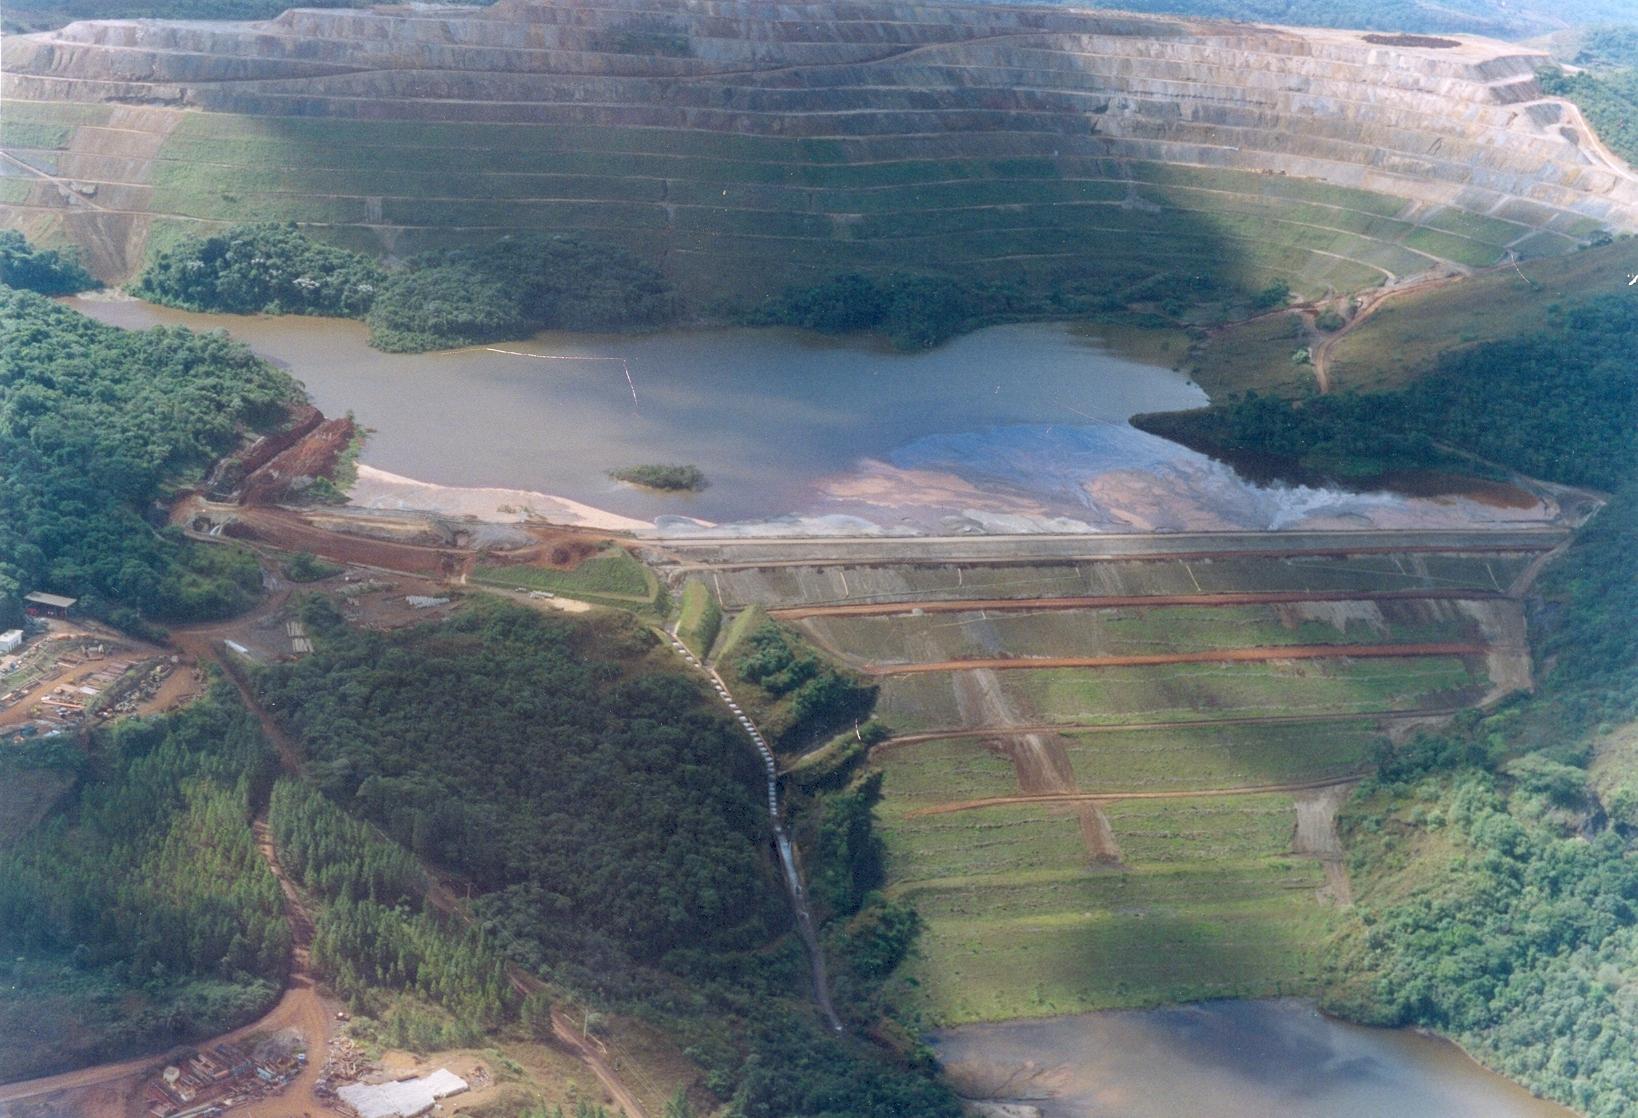 MP e Vale assinam acordo para auditoria independente em barragens de Barão de Cocais